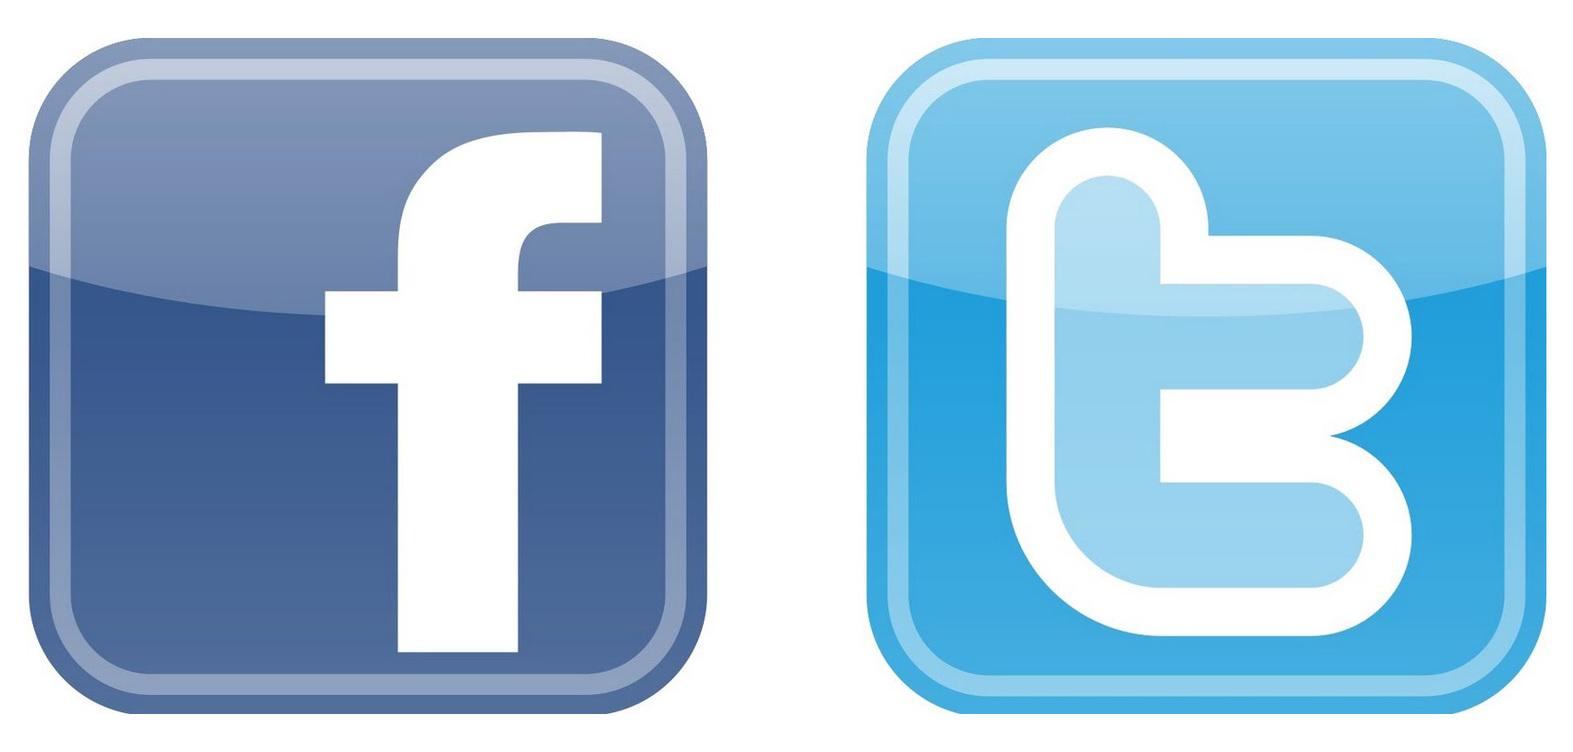 Facebook logo icon clipart.